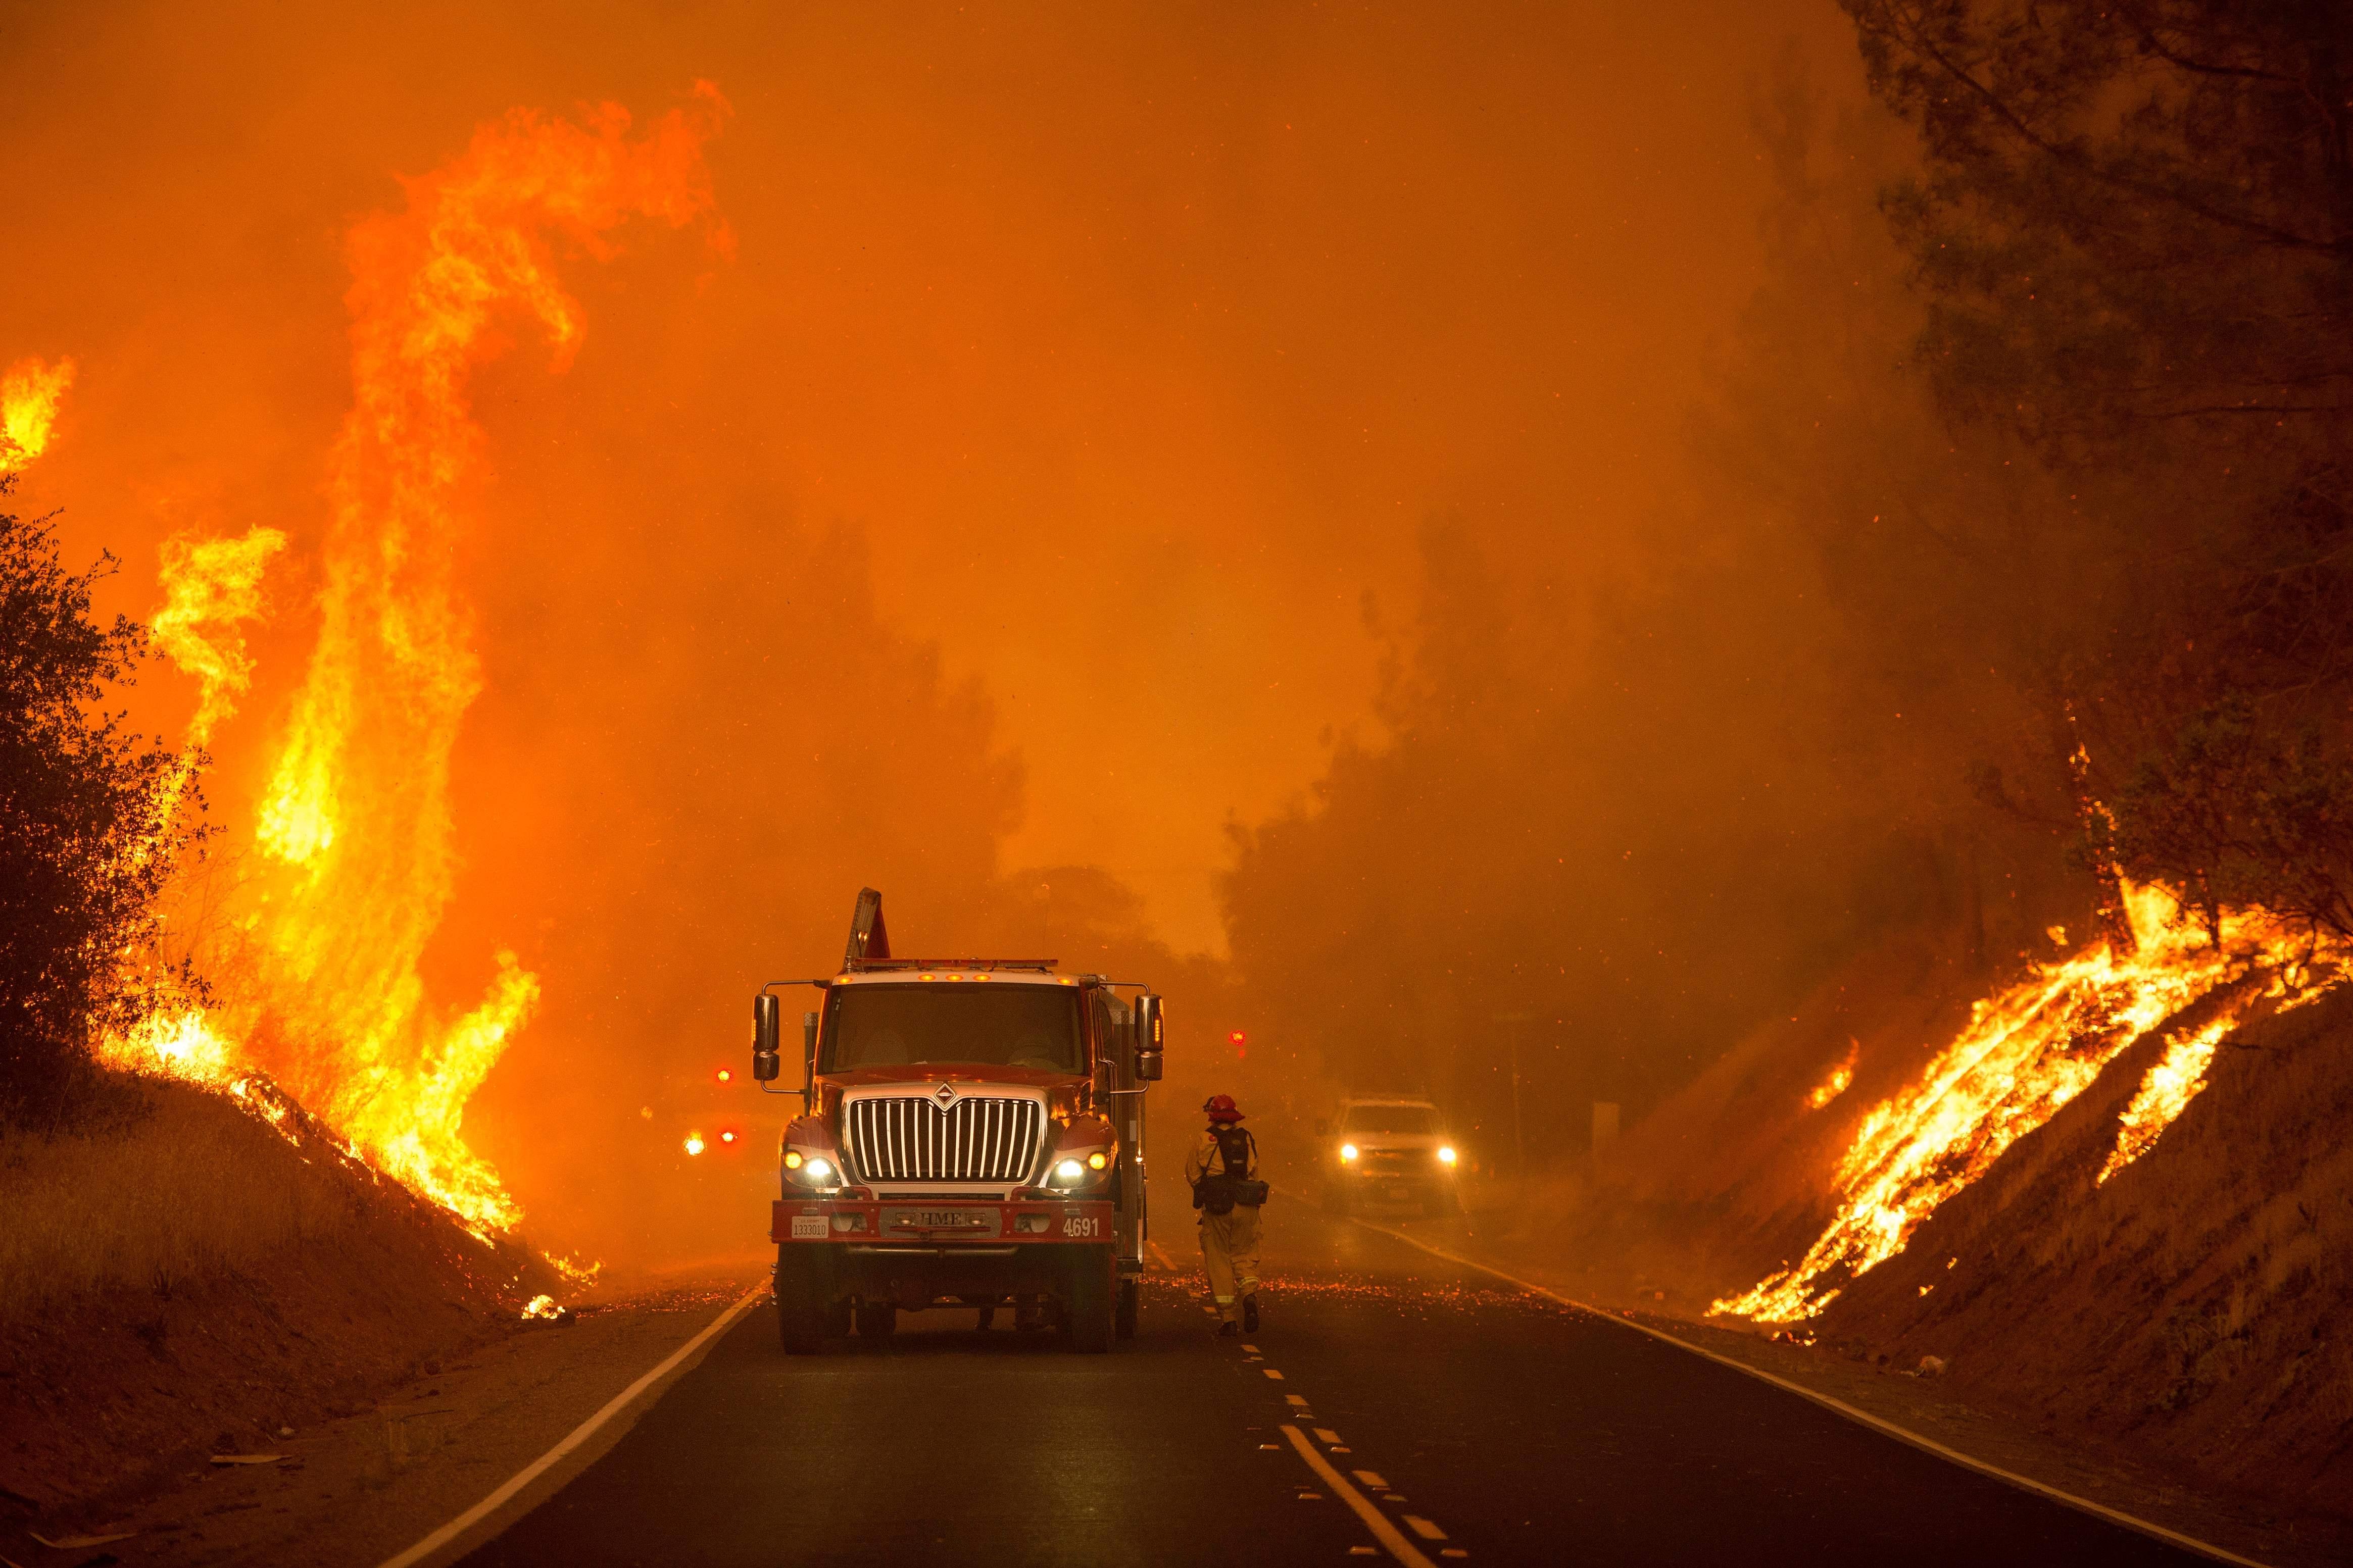 حرائق ضخمة تلتهم غابات كاليفورنيا وتدمر مئات المنازل وتجلي الآلاف من السكان